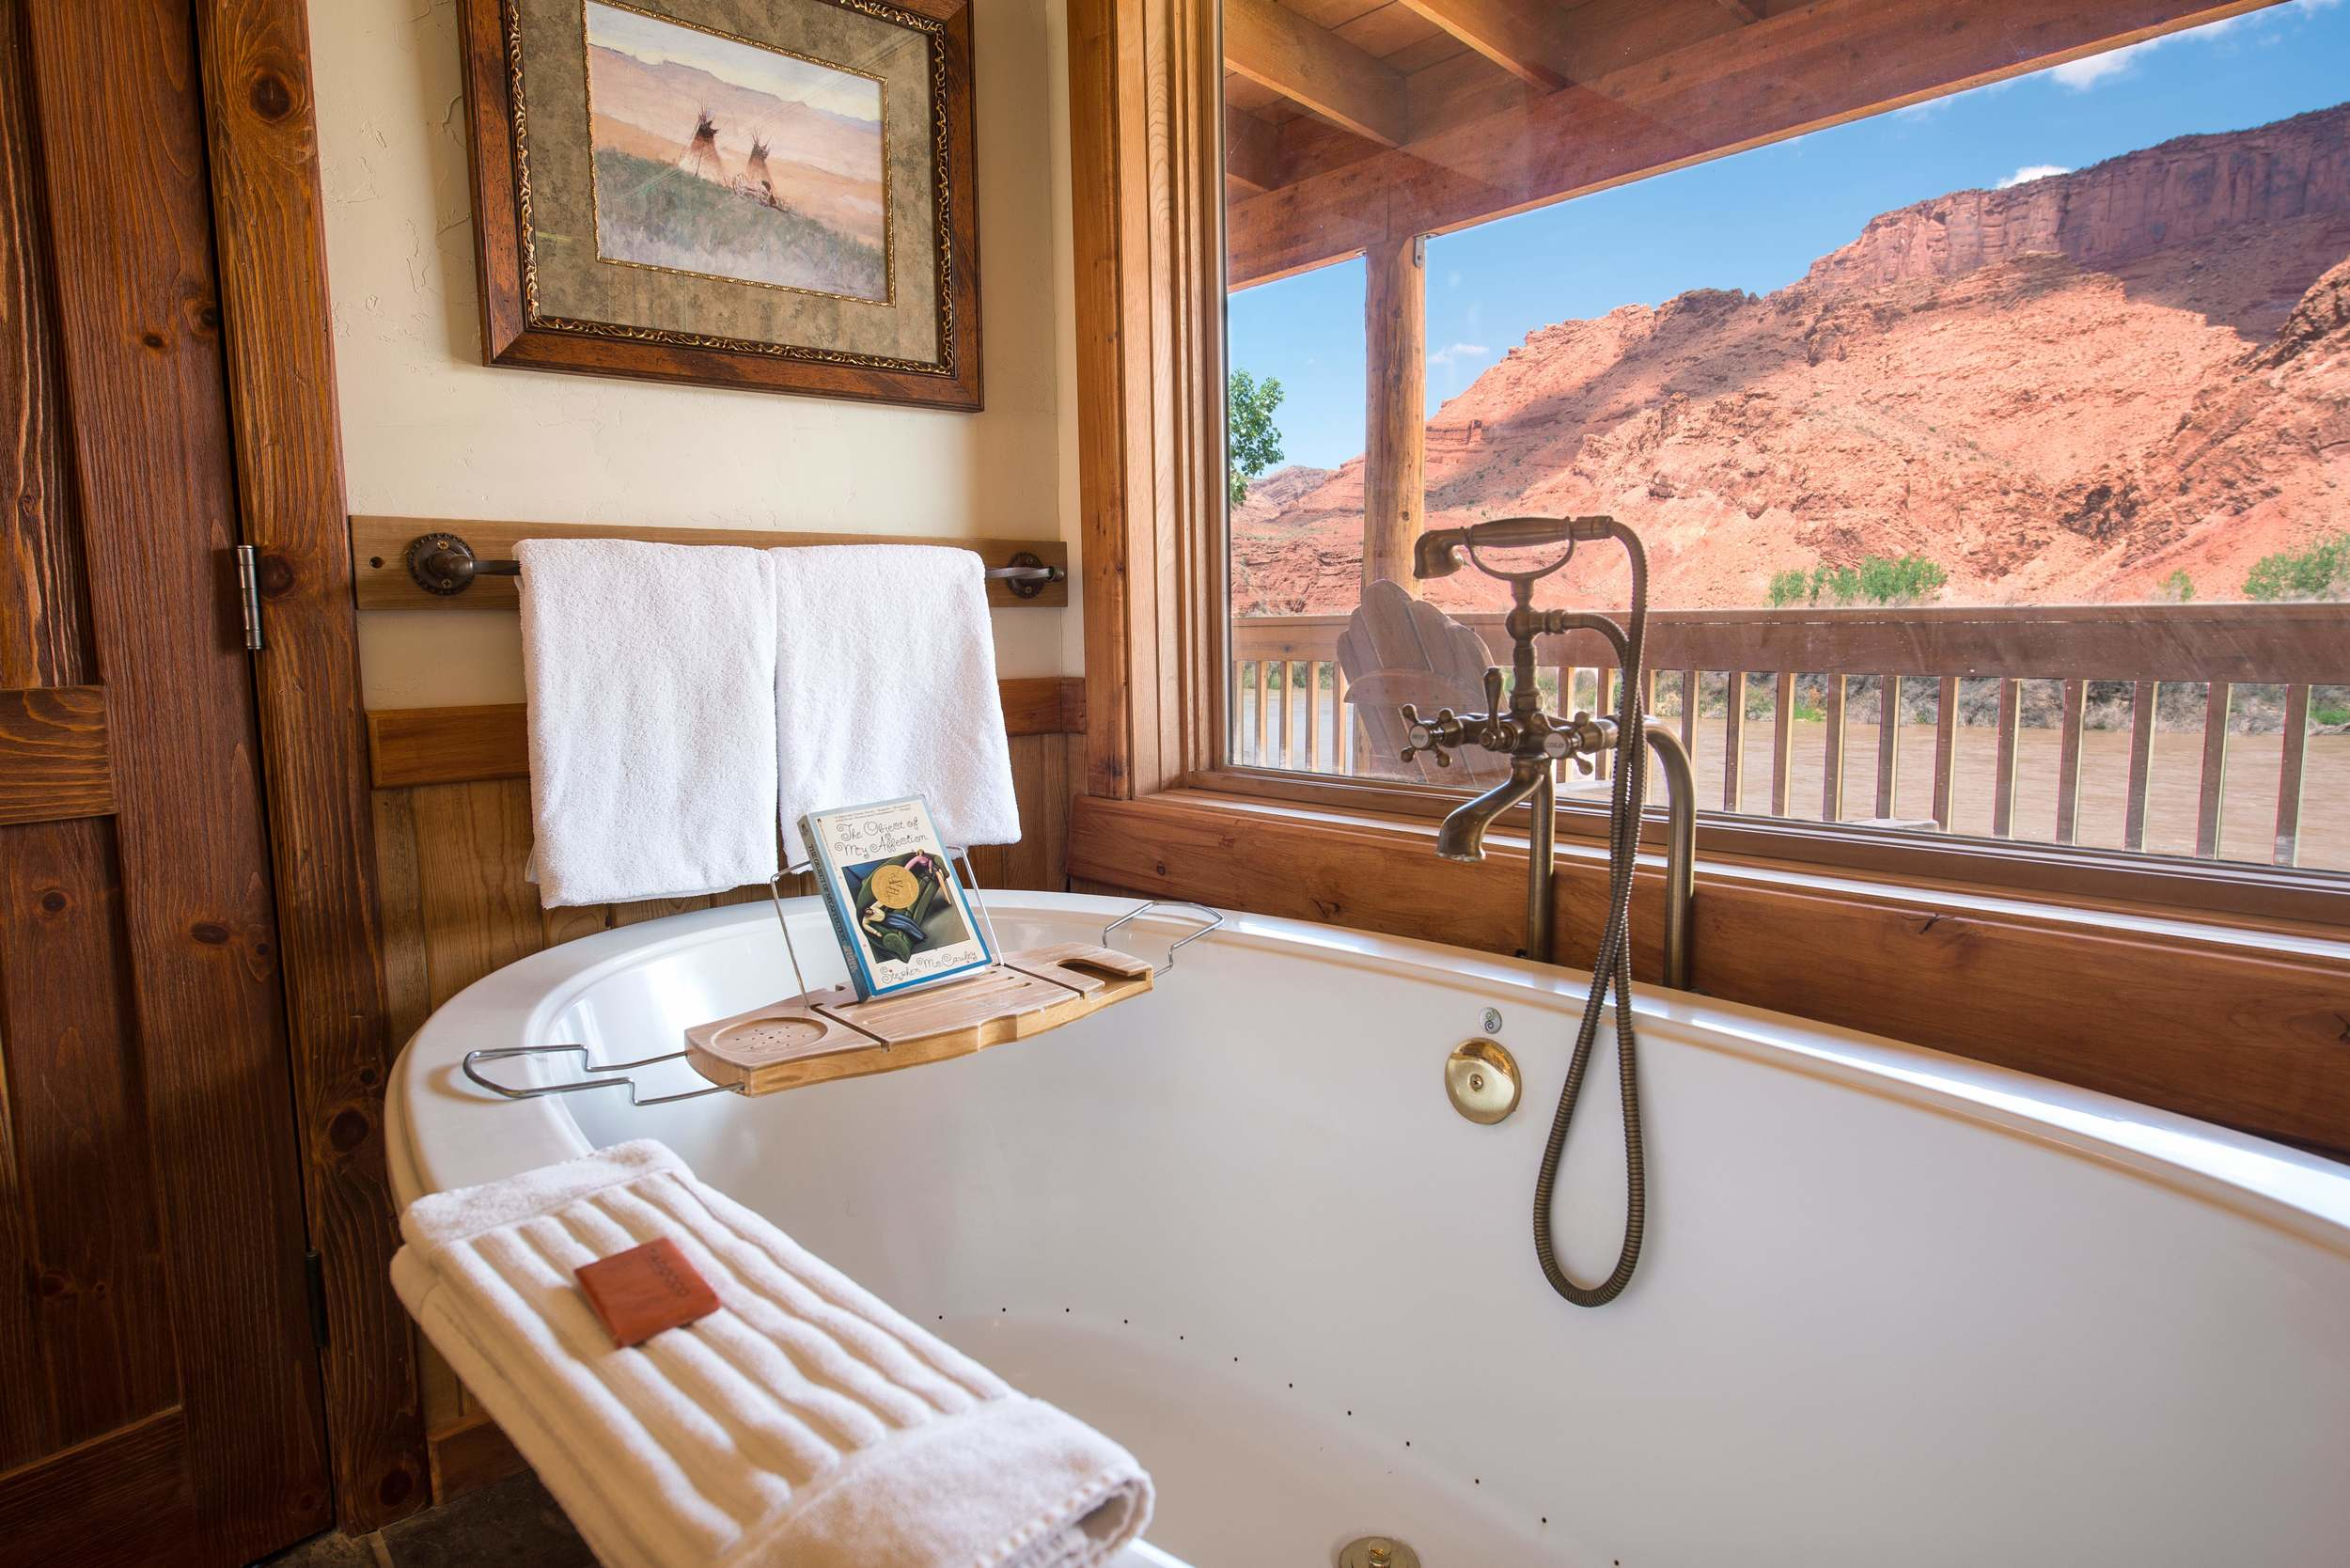 1/Sorrel River Ranch Resort & Spa